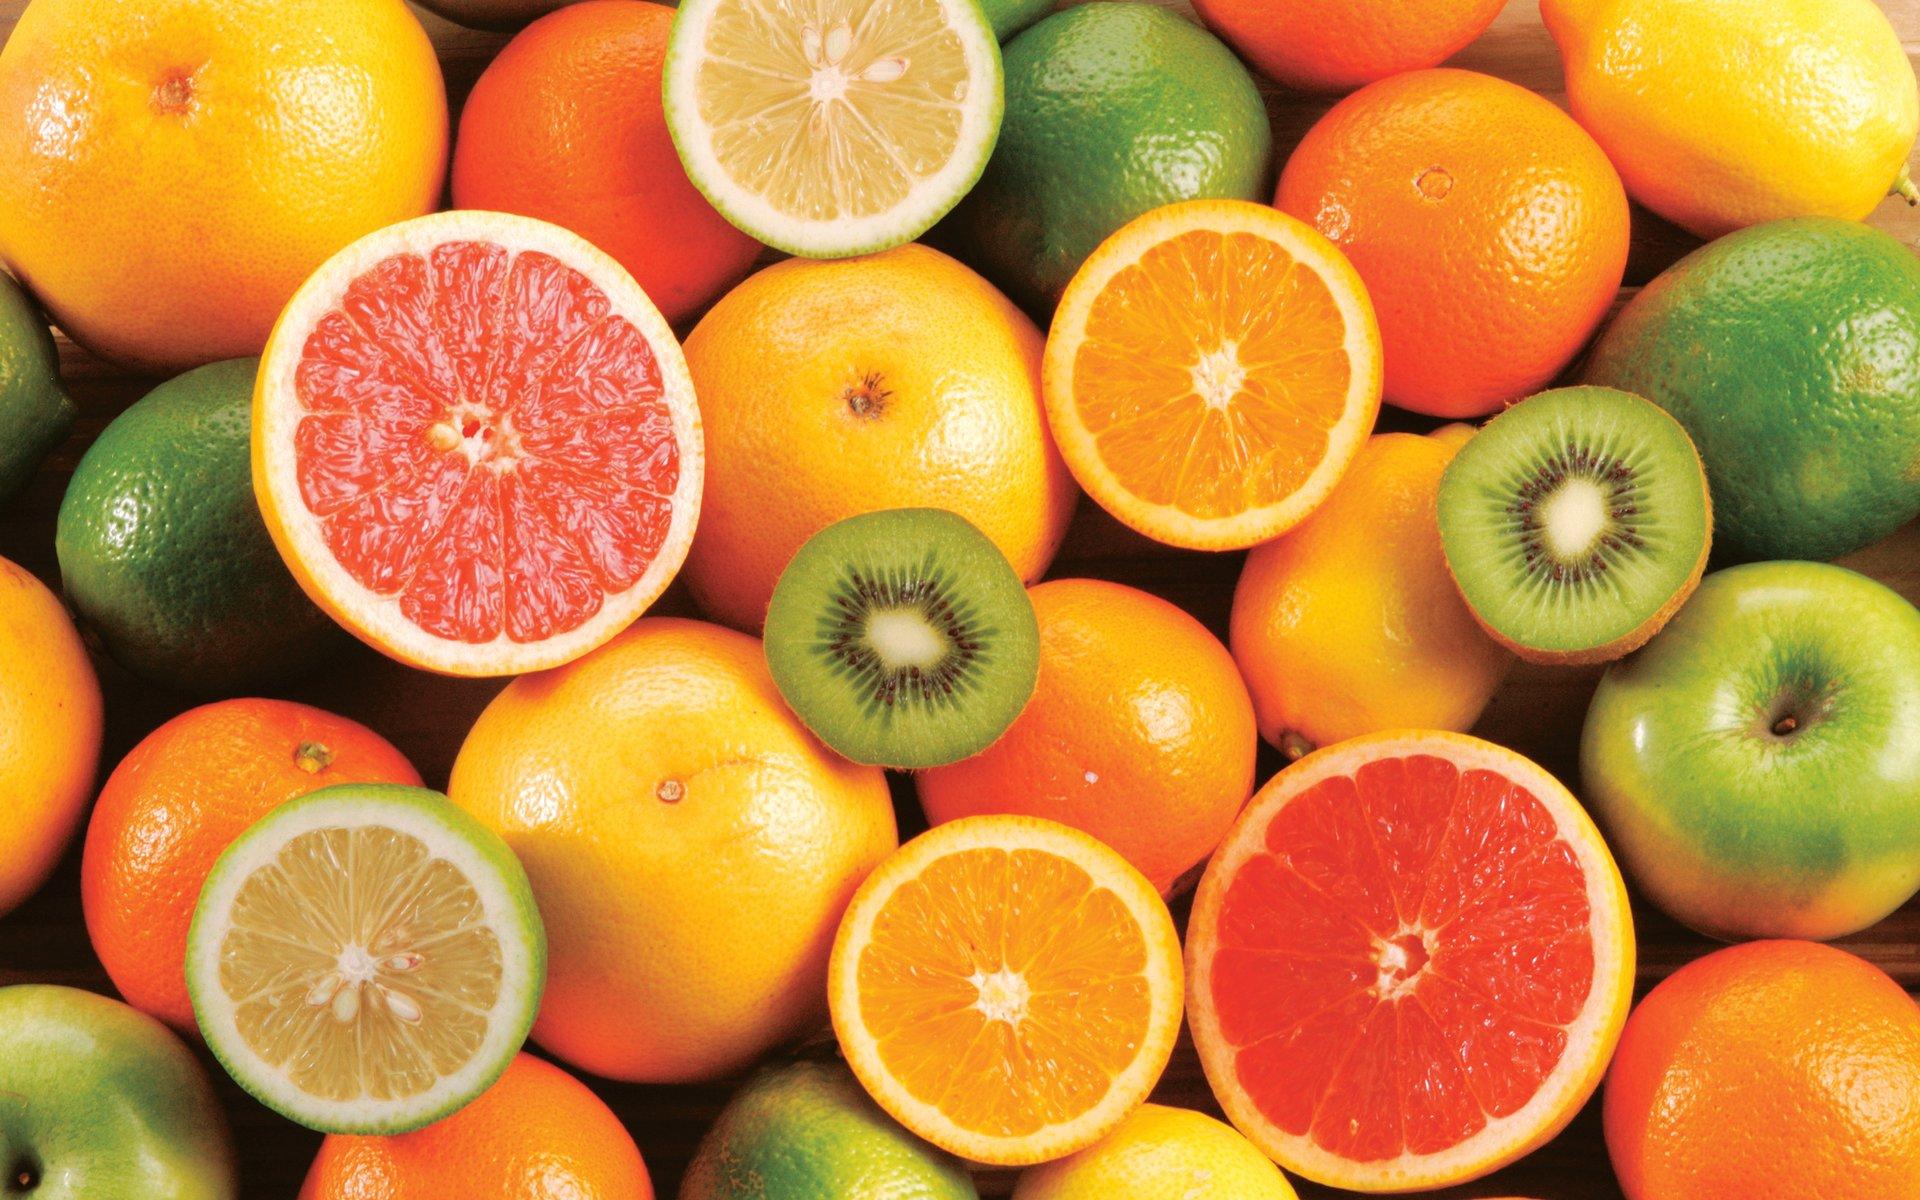 Fresh fruit wallpaper - All Fresh Fruit Wallpaper Image